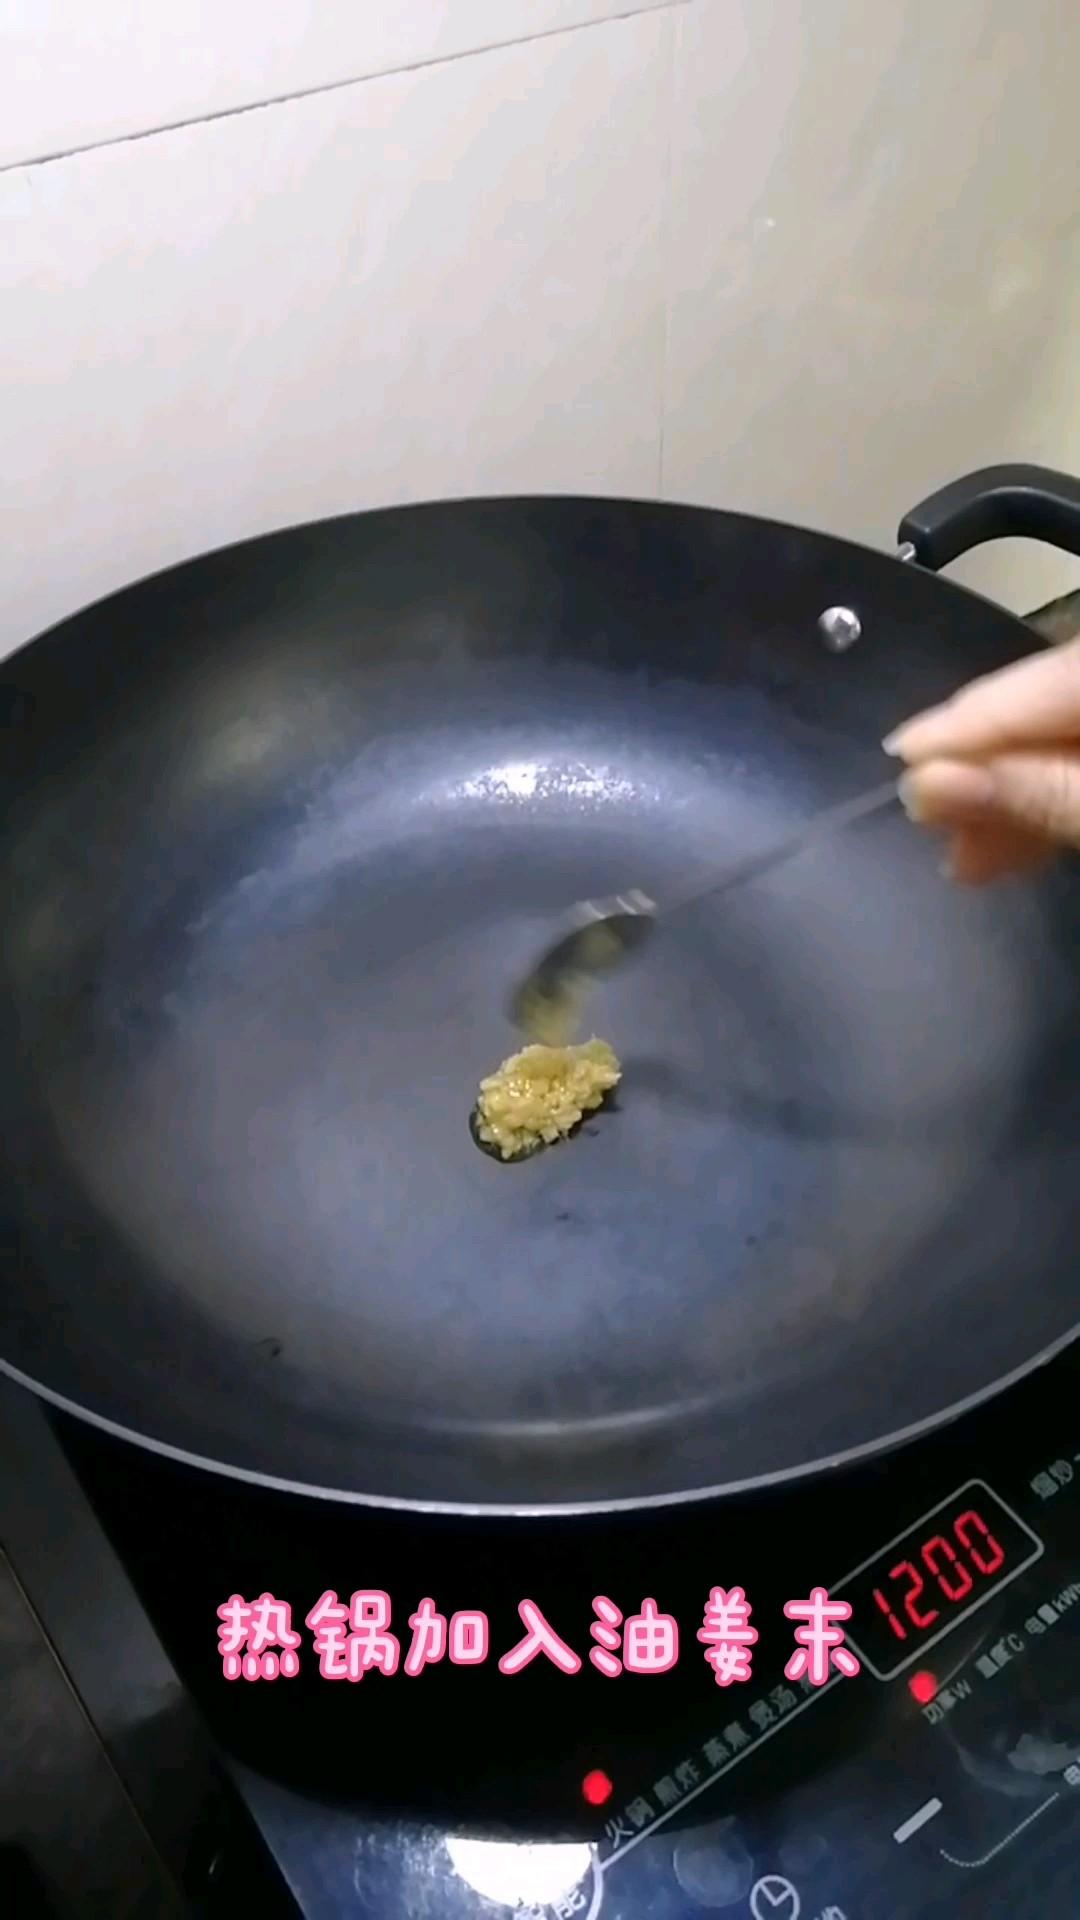 肉丁白菜炖粉条的简单做法